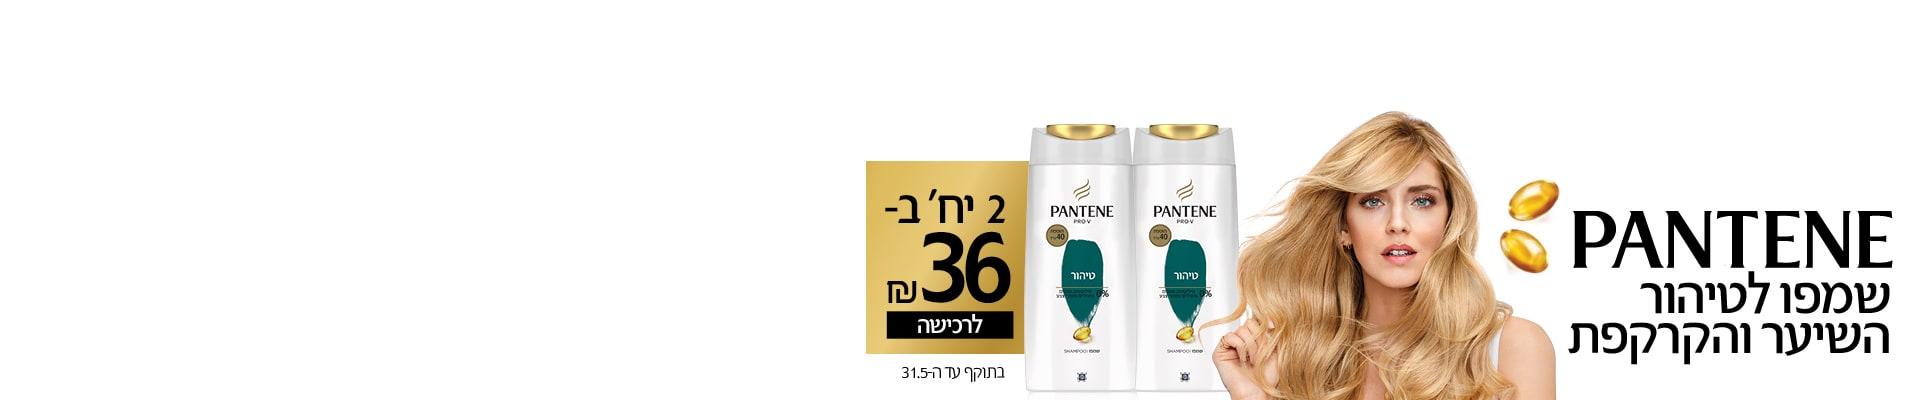 PANTENE שמפו לטיהור השיער והקרקפת 2 יח' ב- 36 ₪ לרכישה בתוקף עד 31.5